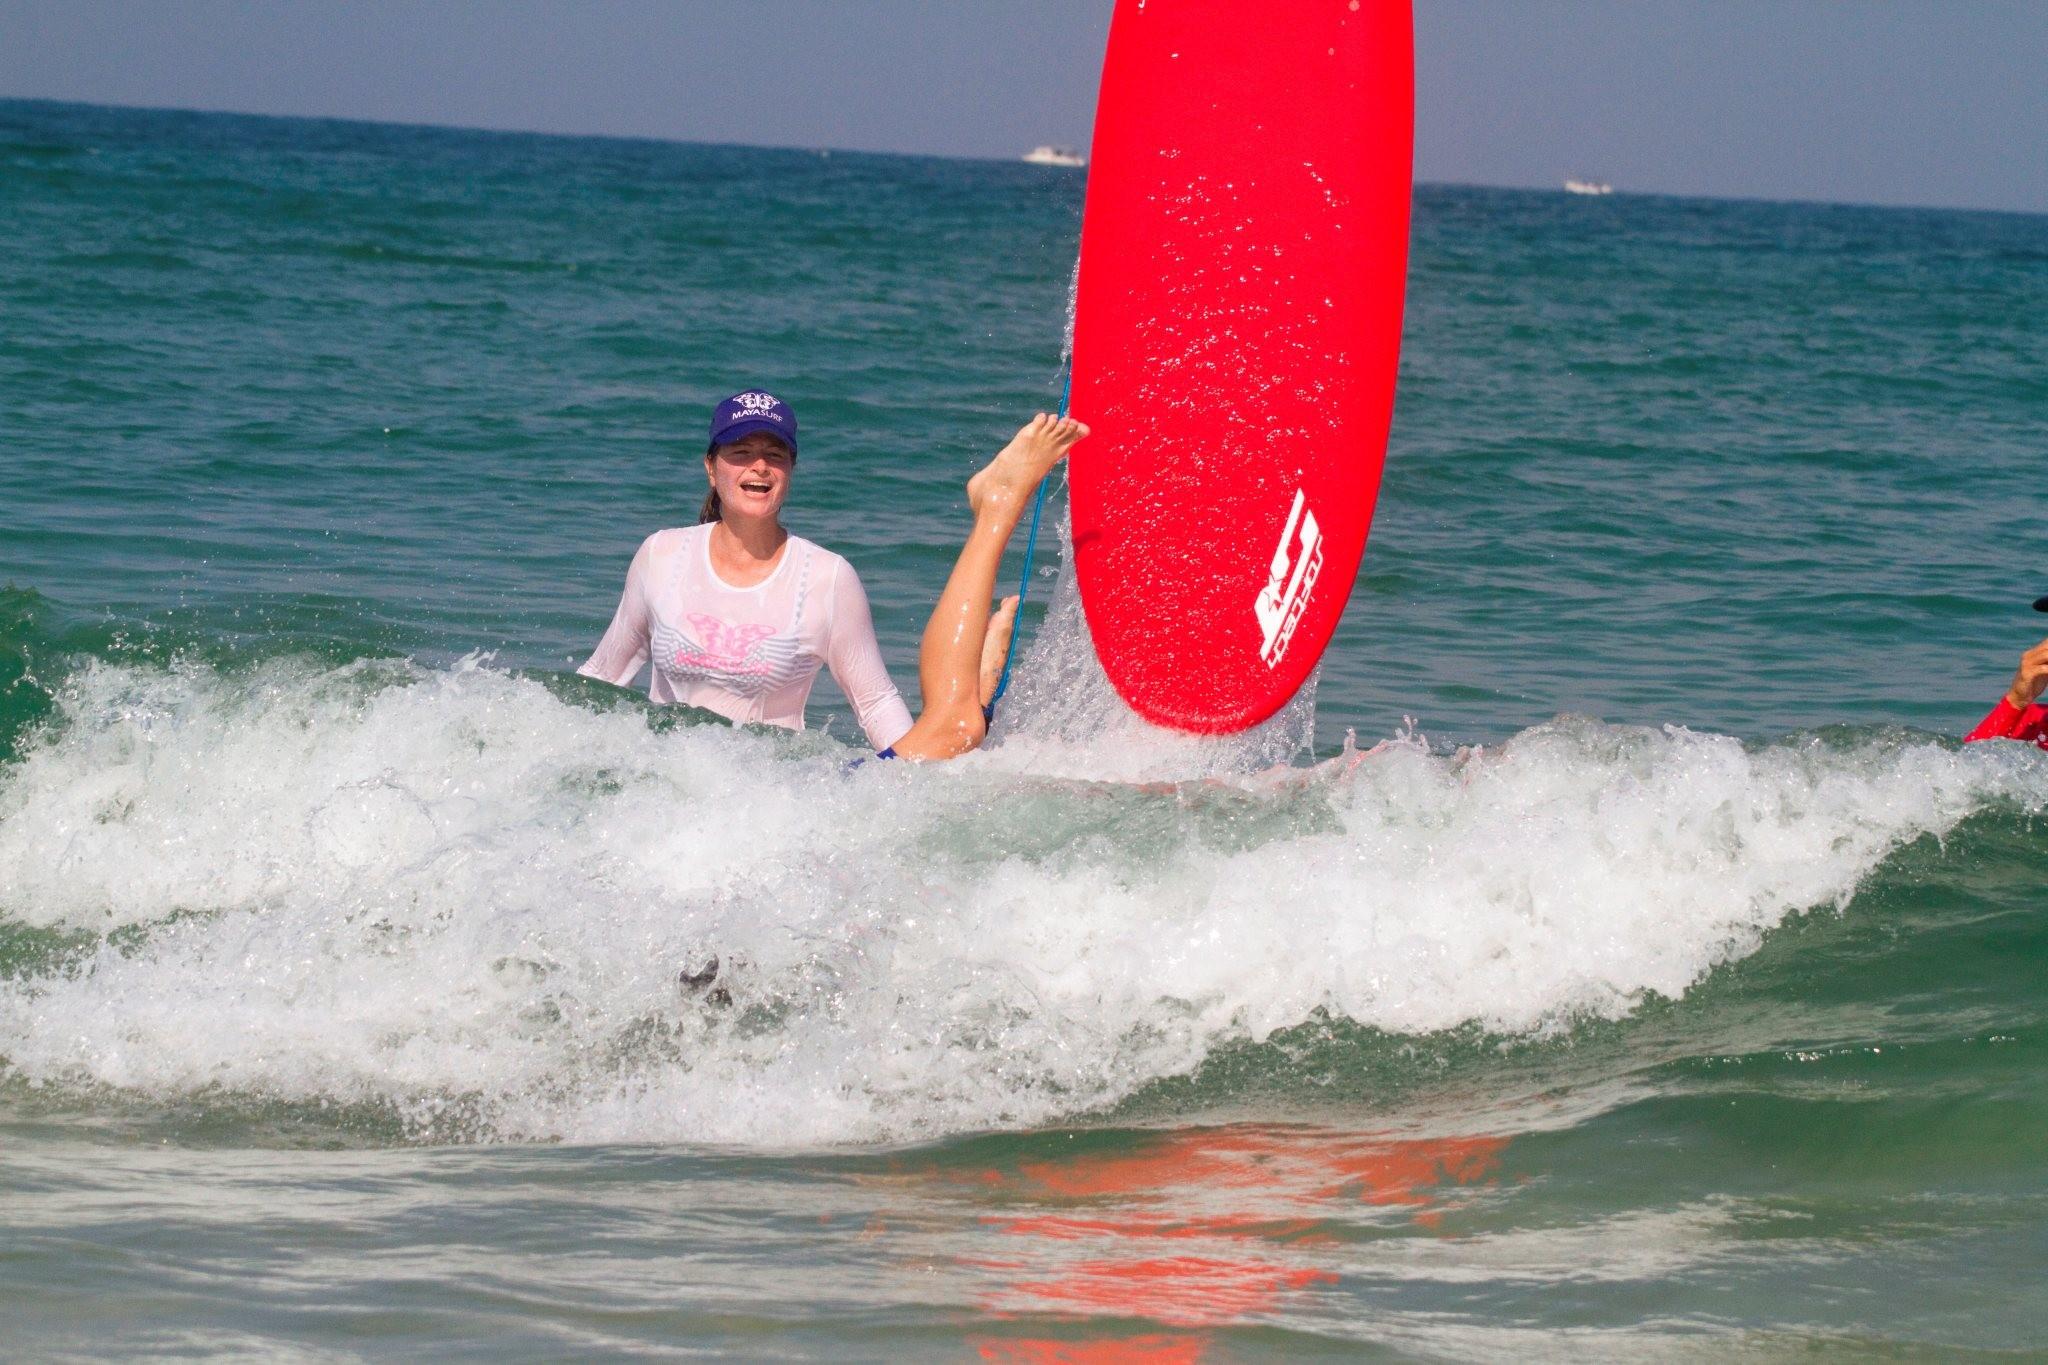 קורס גלישת גלים נשים